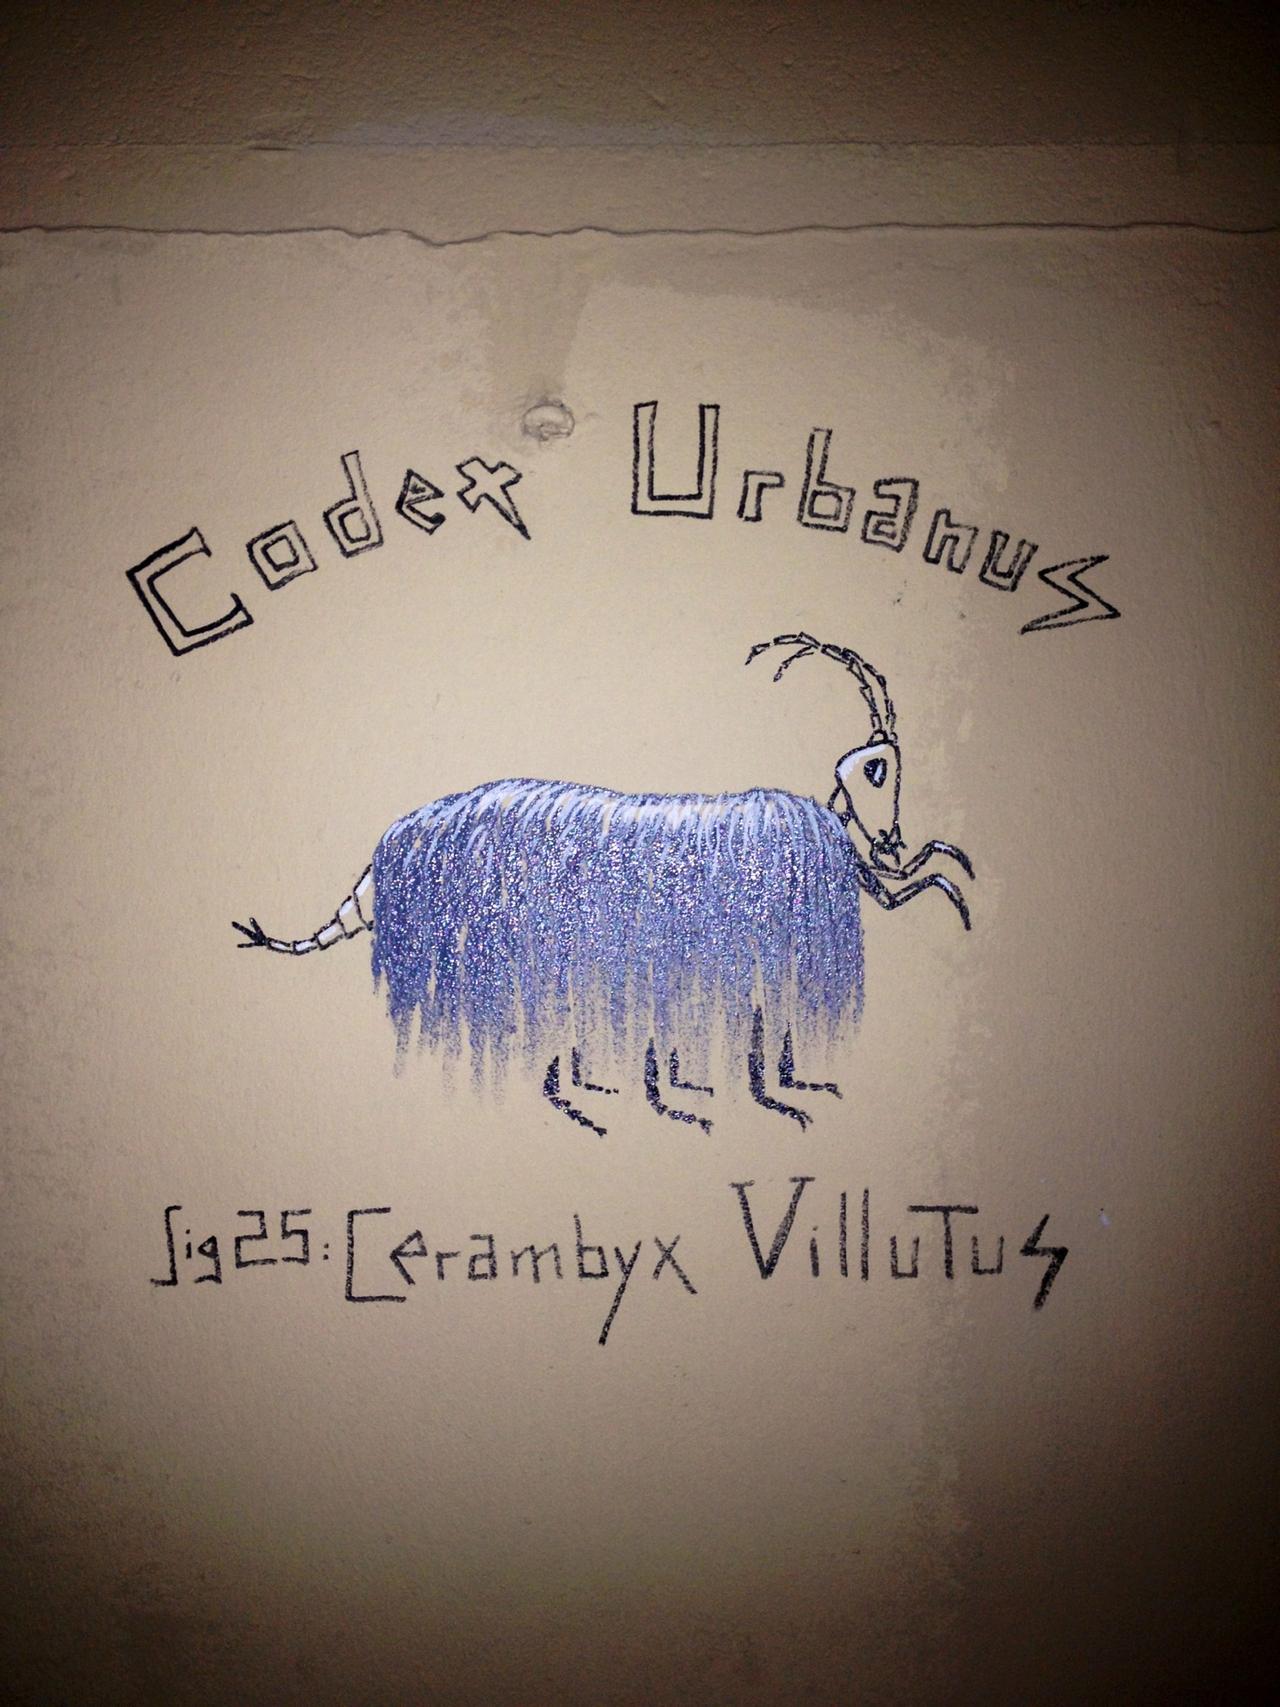 The new Cerambyx Villutis